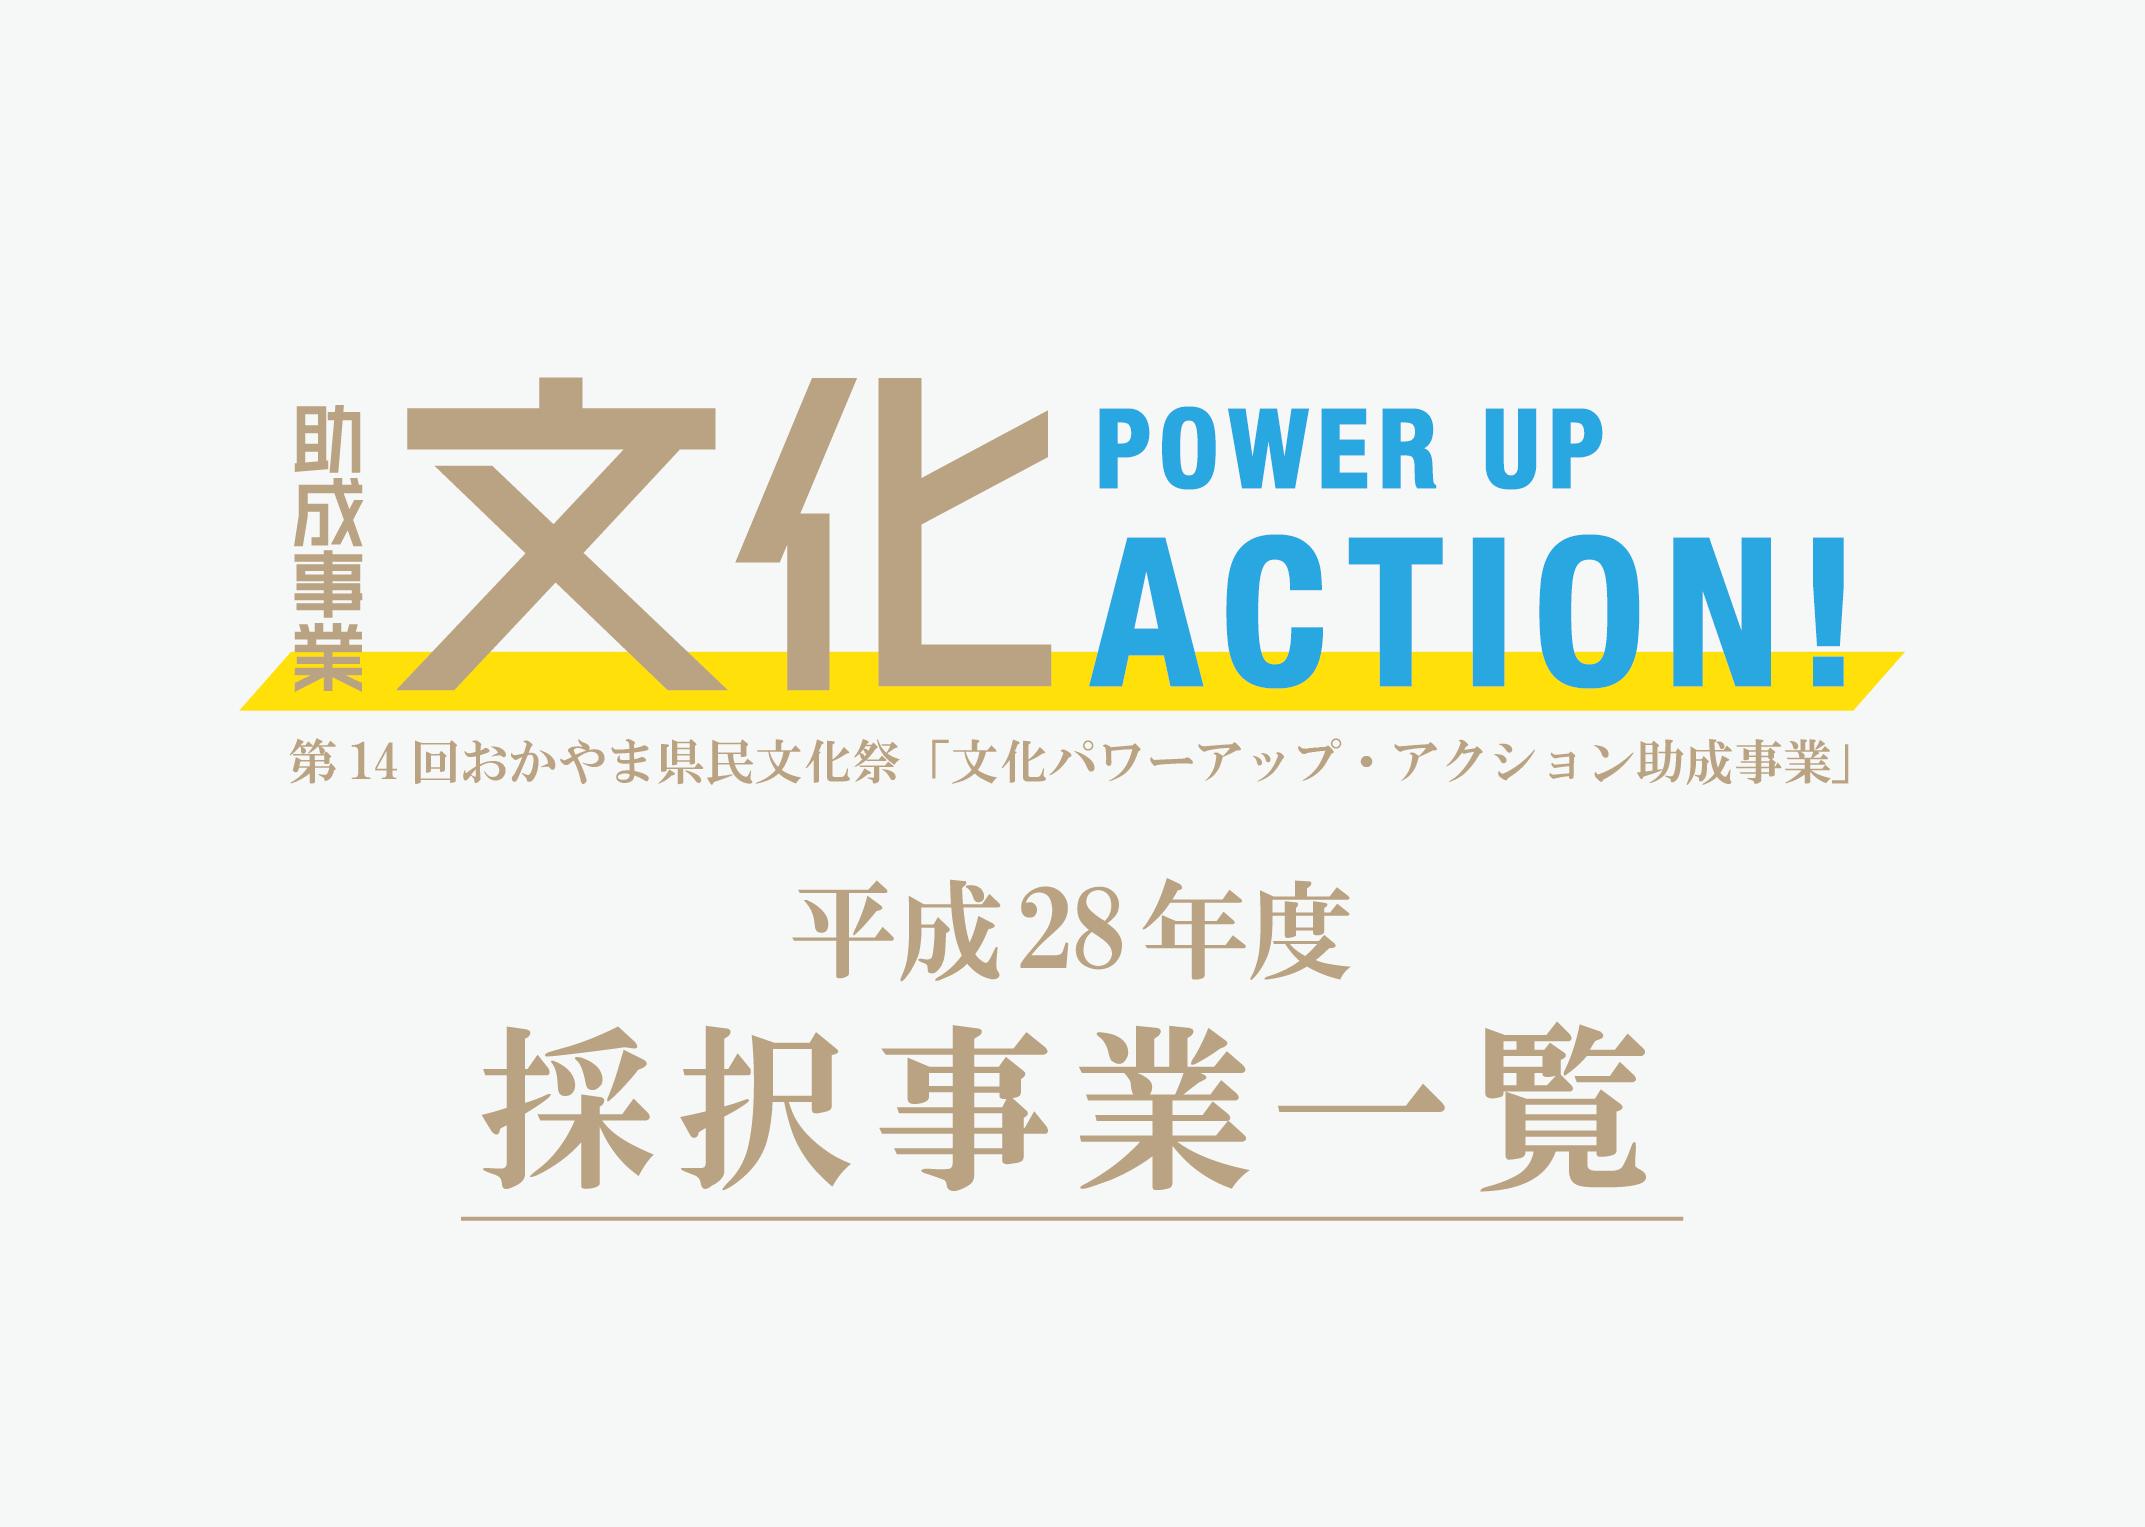 平成28年度 文化パワーアップ・アクション 採択事業結果